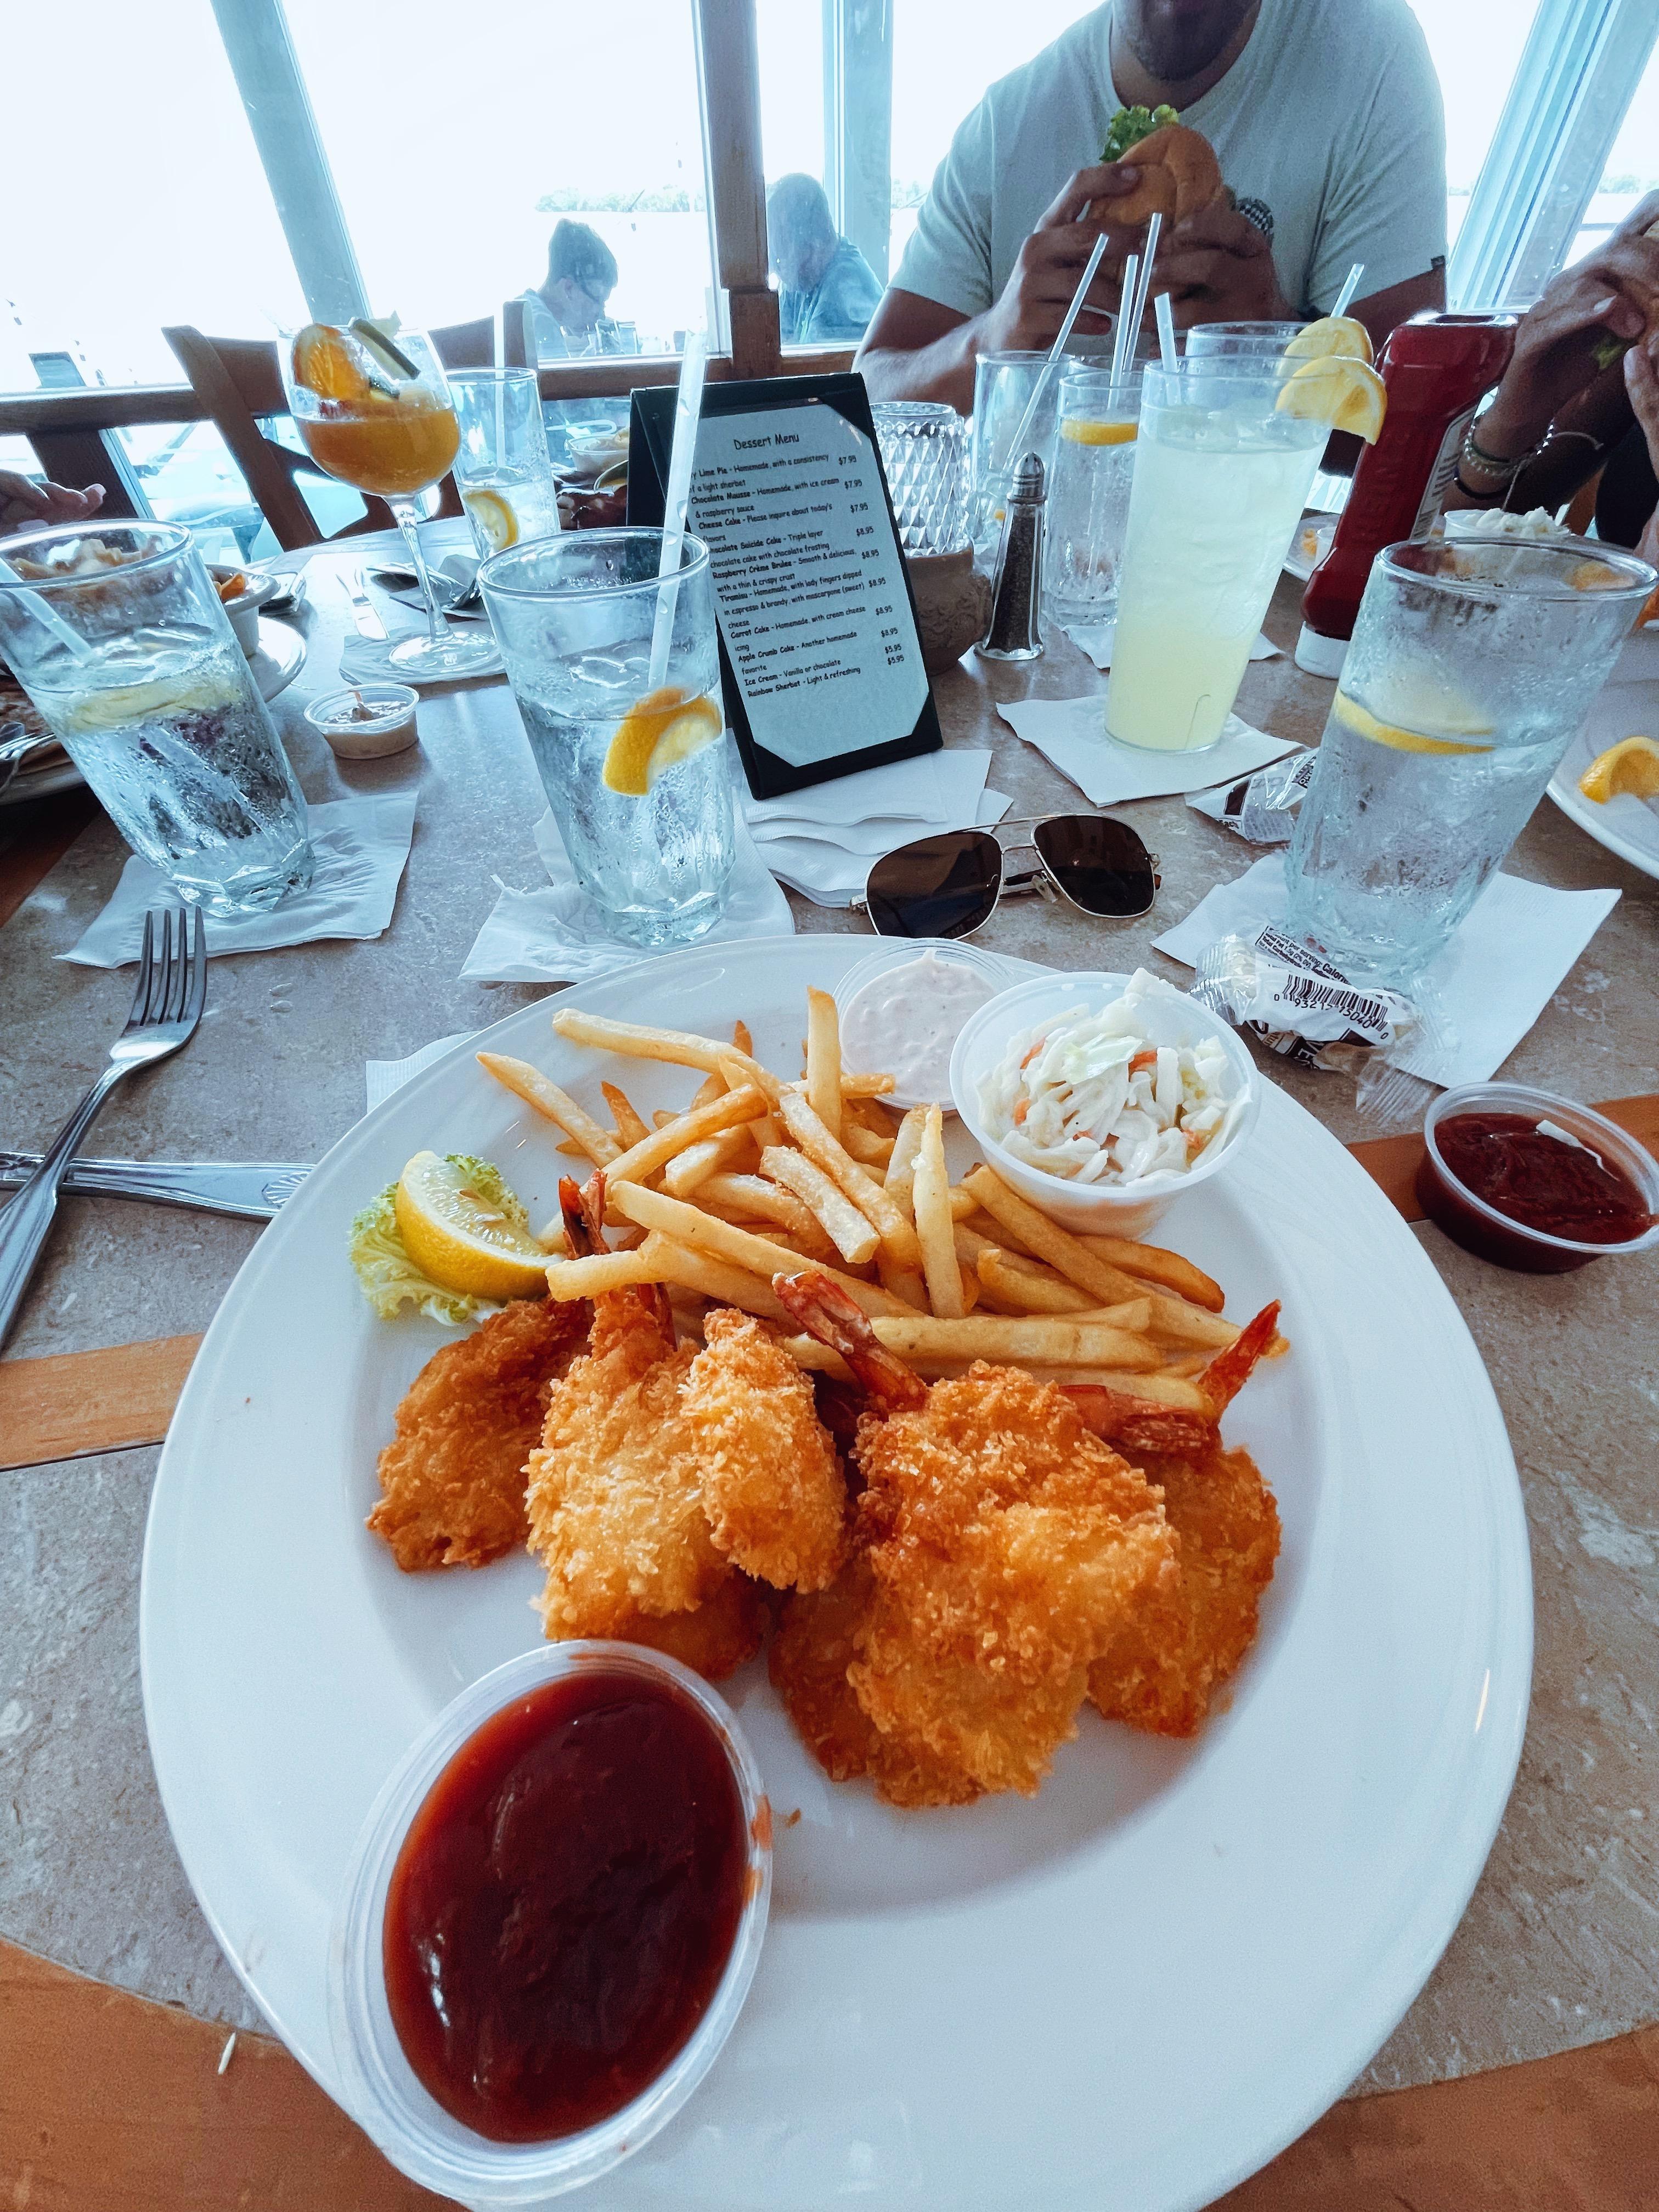 ft. myers beach food